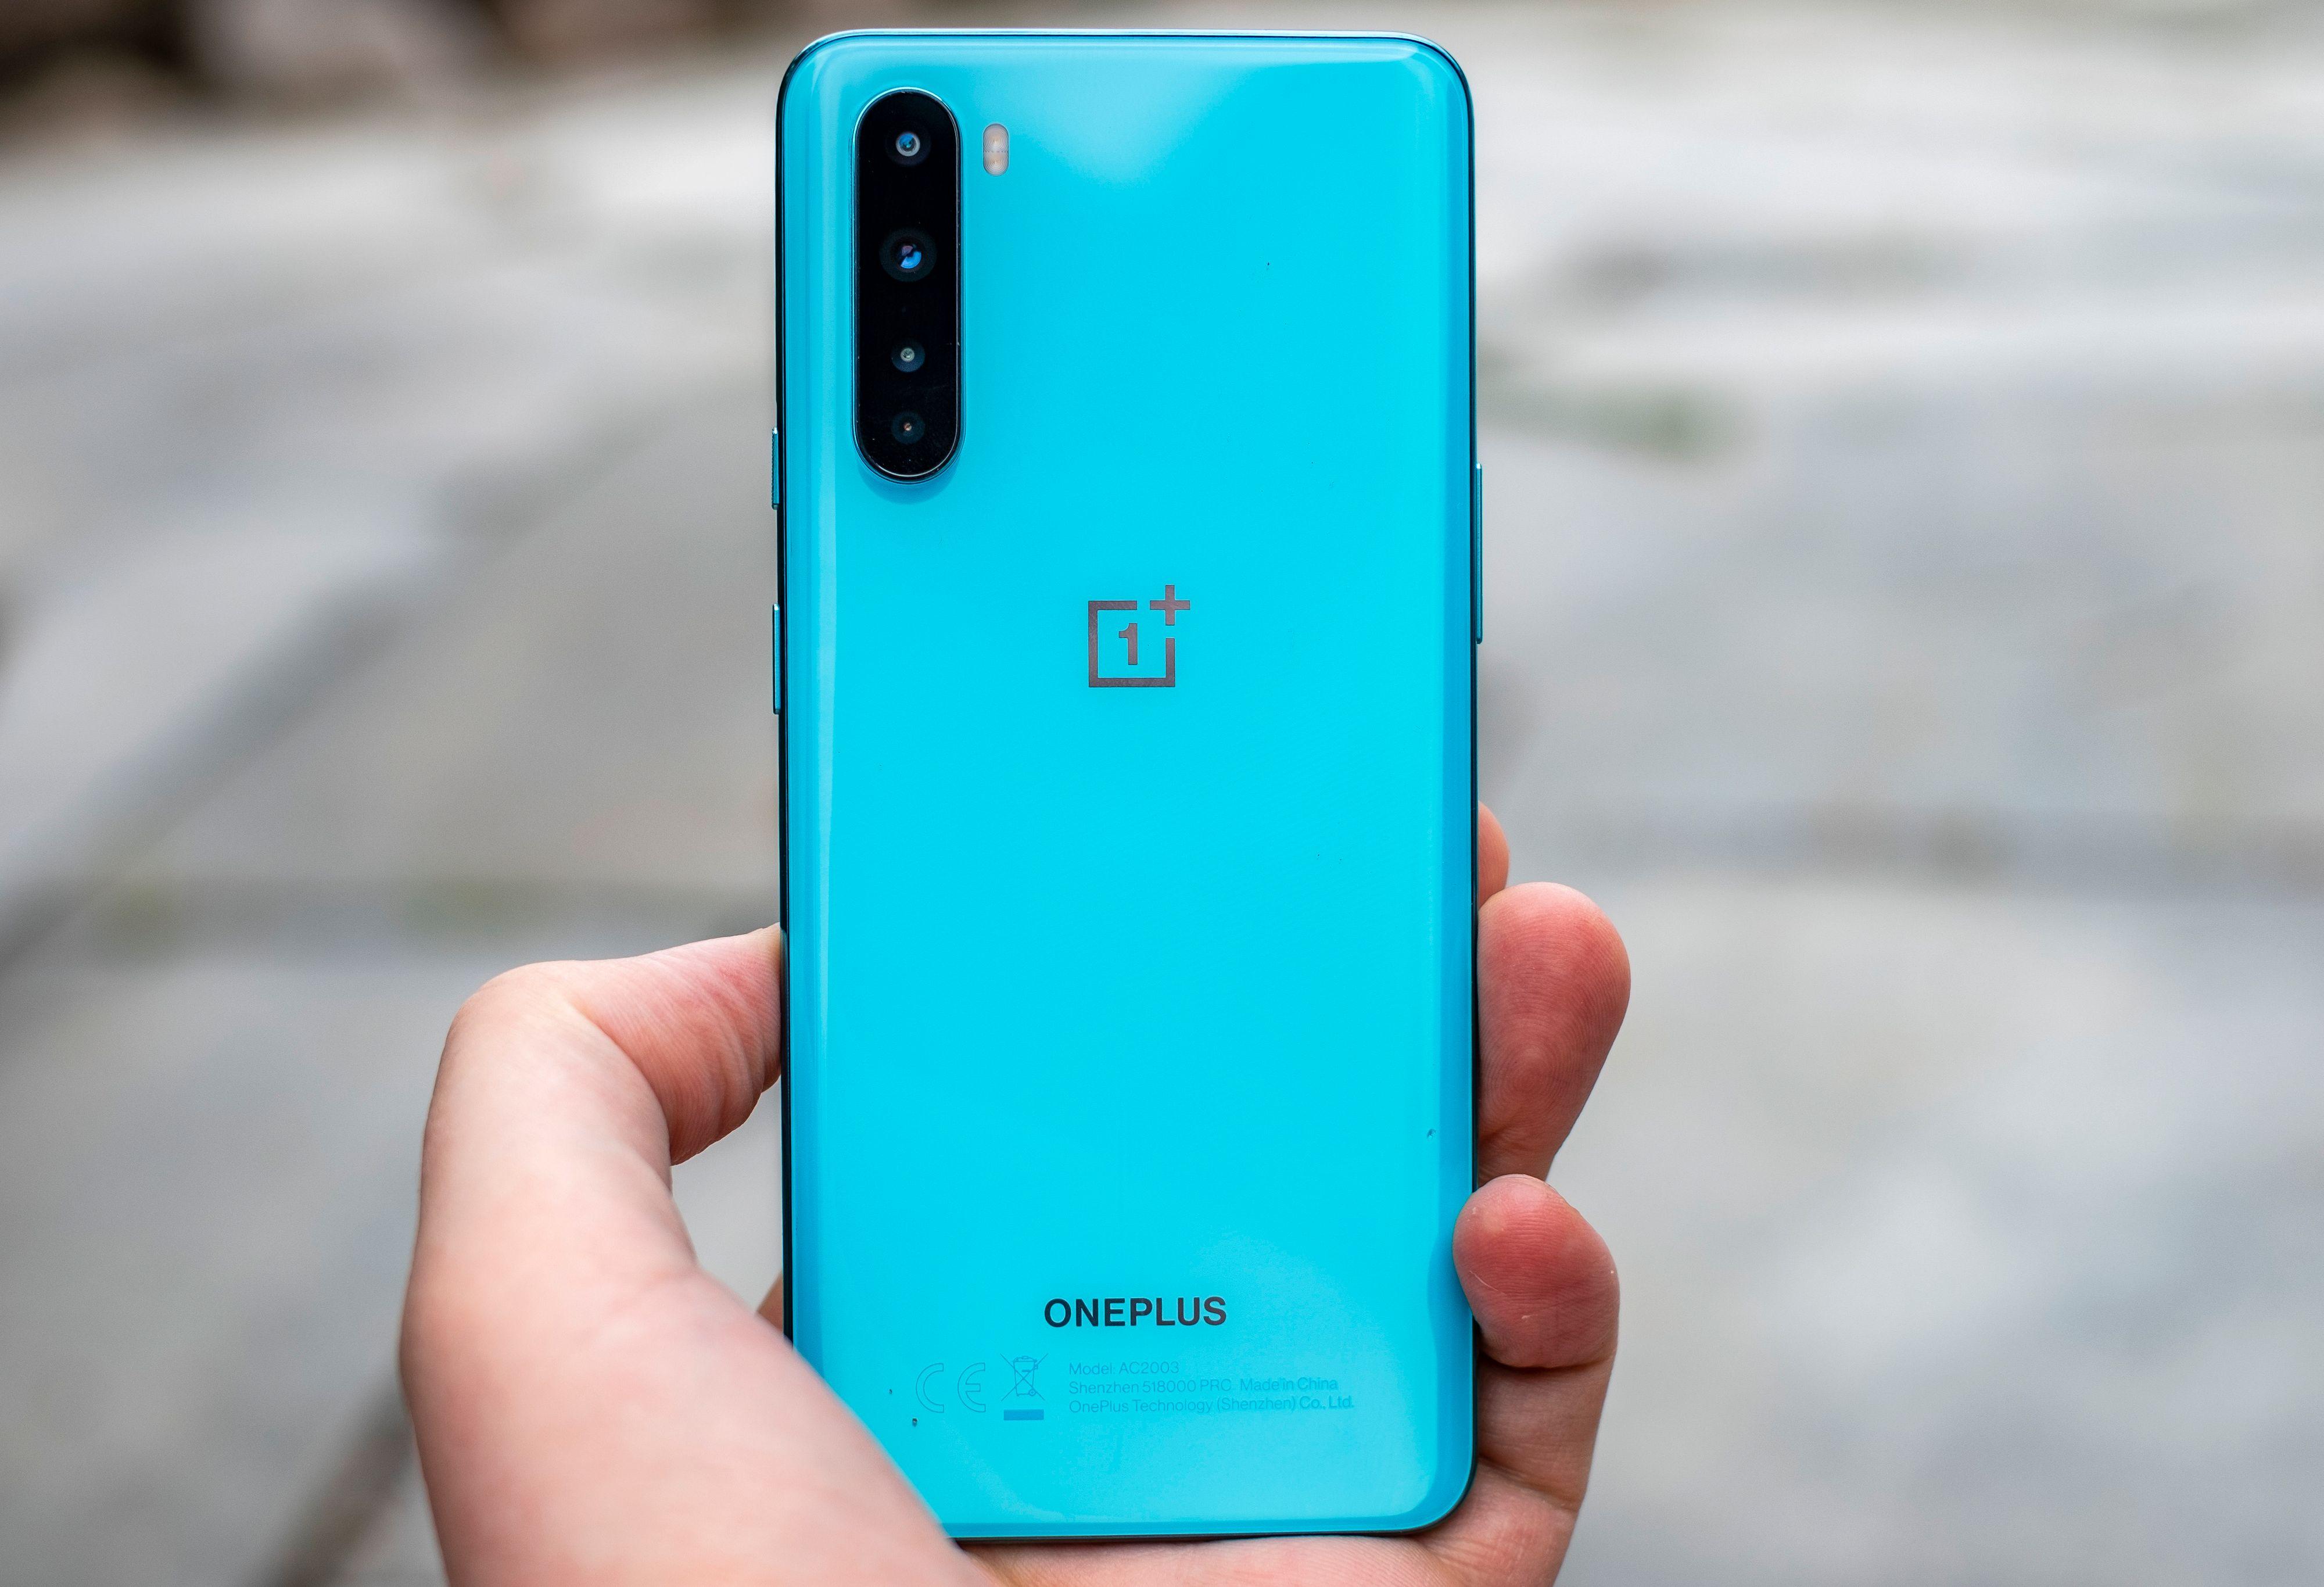 I 2018 skapte Xiaomi Mi A2 furore i de laveste prisklassene. Konkurrentene klarte ikke å følge på, og selv Xiaomi leverte en dårligere mobil som oppfølger til den uslåelige budsjettmobilen. Vil konkurrentene prøve å følge opp Nord, eller blir den høyt spesifiserte telefonen en gjentakelse av Mi A2, der ingen klarer å få has på den?